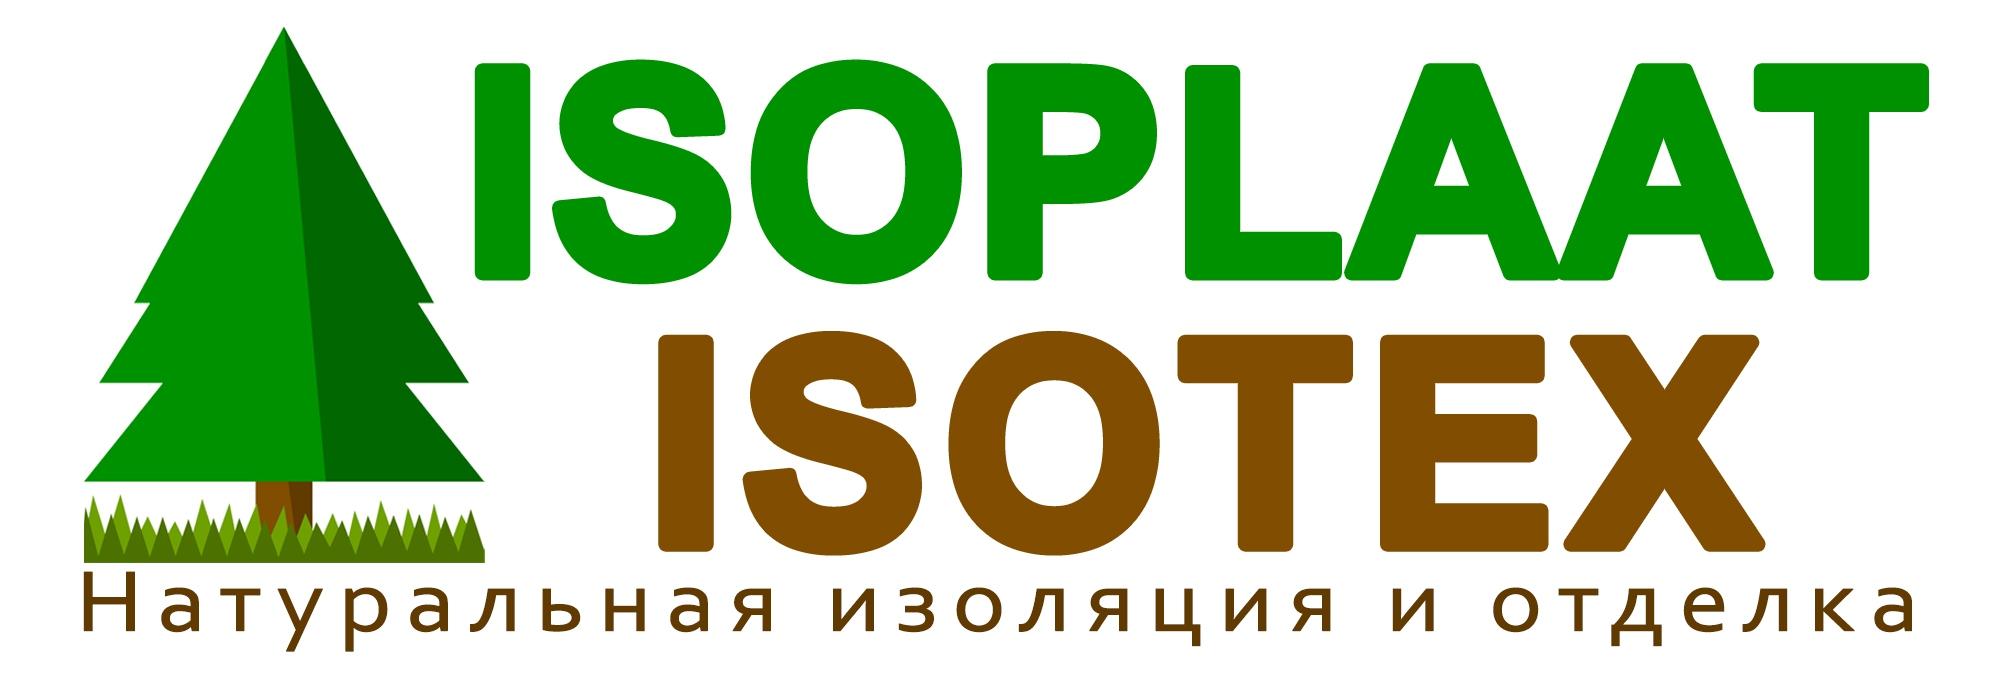 Isoplaat — Натуральные строительные материалы, из древесного волокна без химических добавок